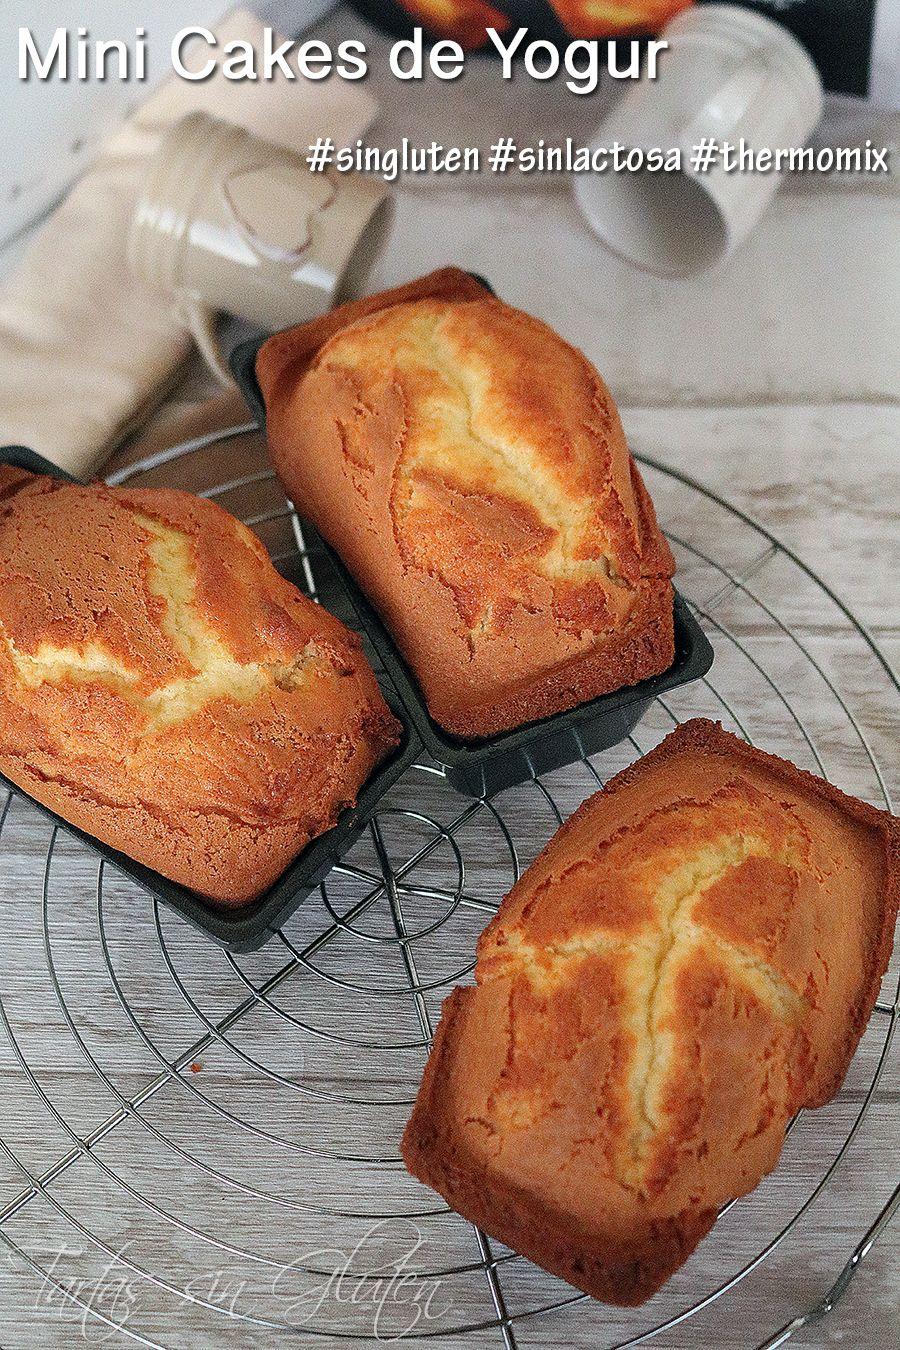 Mini Cakes De Yogur Singluten Sinlactosa Thermomix Tartas Sin